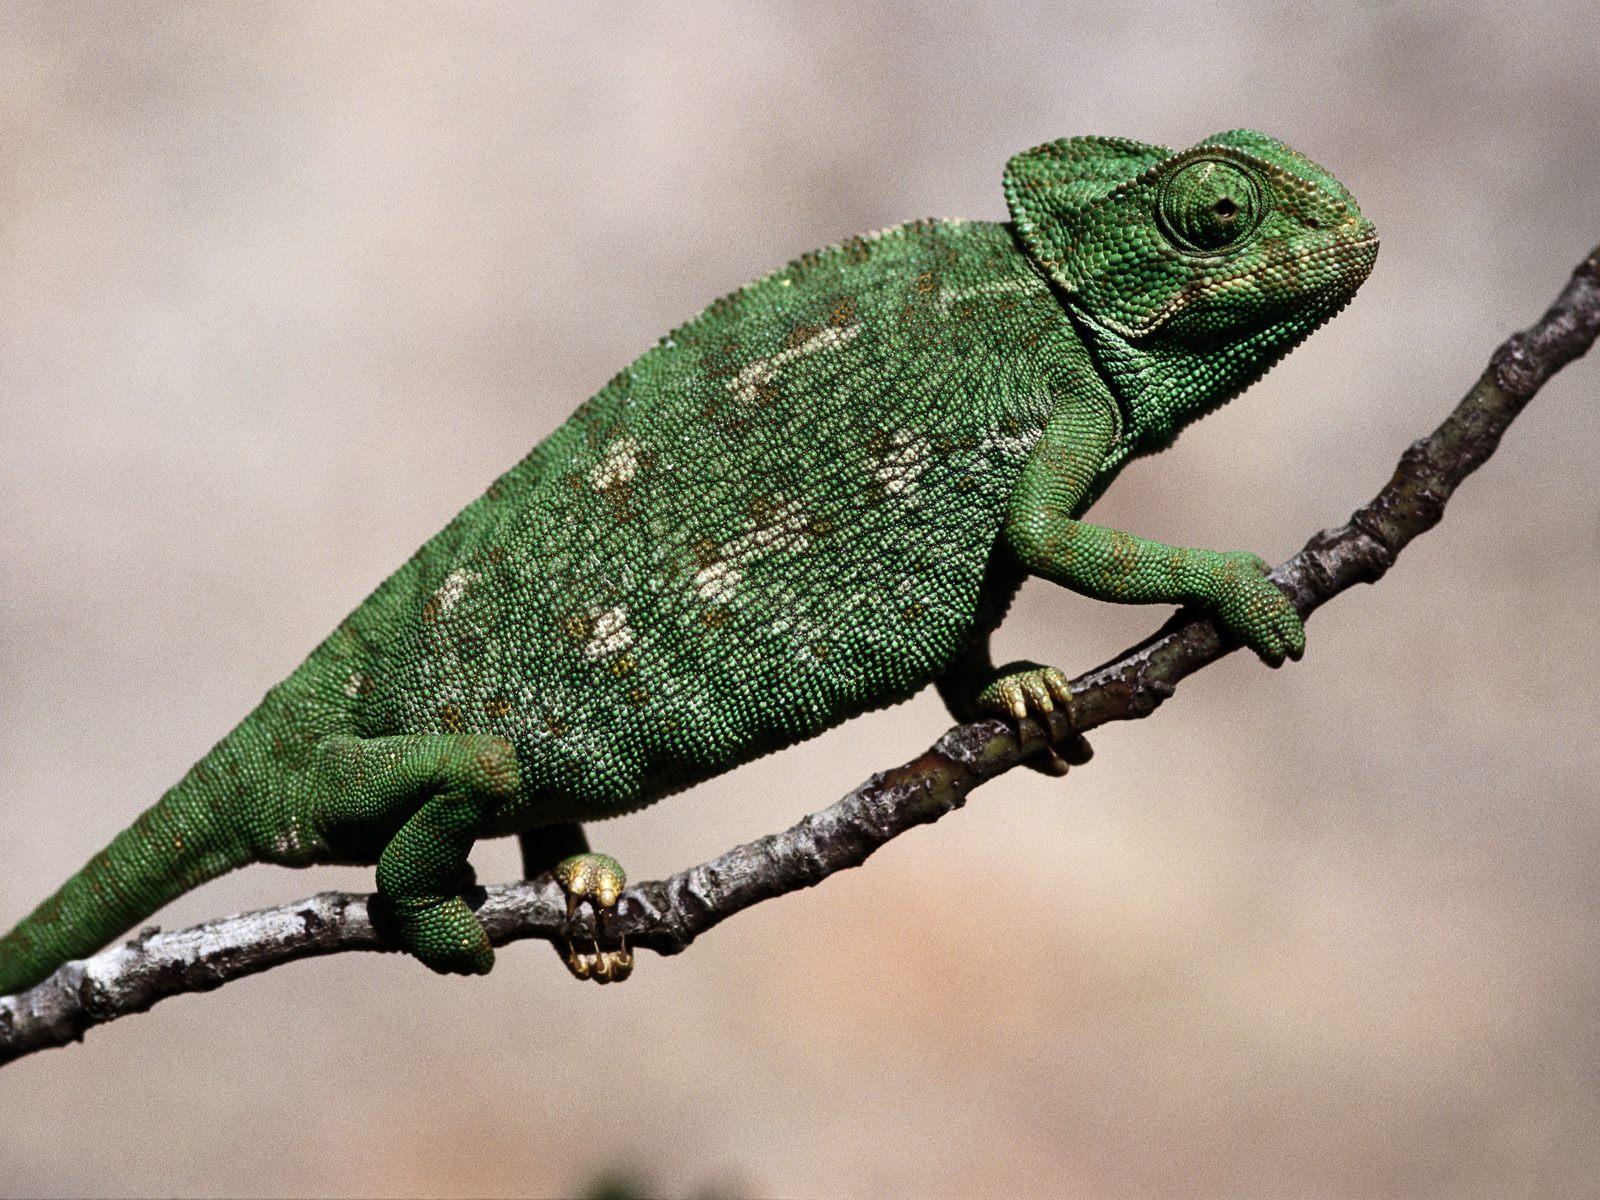 http://1.bp.blogspot.com/-l63NIEMEsUU/TxWNvxRRzOI/AAAAAAAADfE/2wrOnvm7L9U/s1600/26822_reptiles.jpg